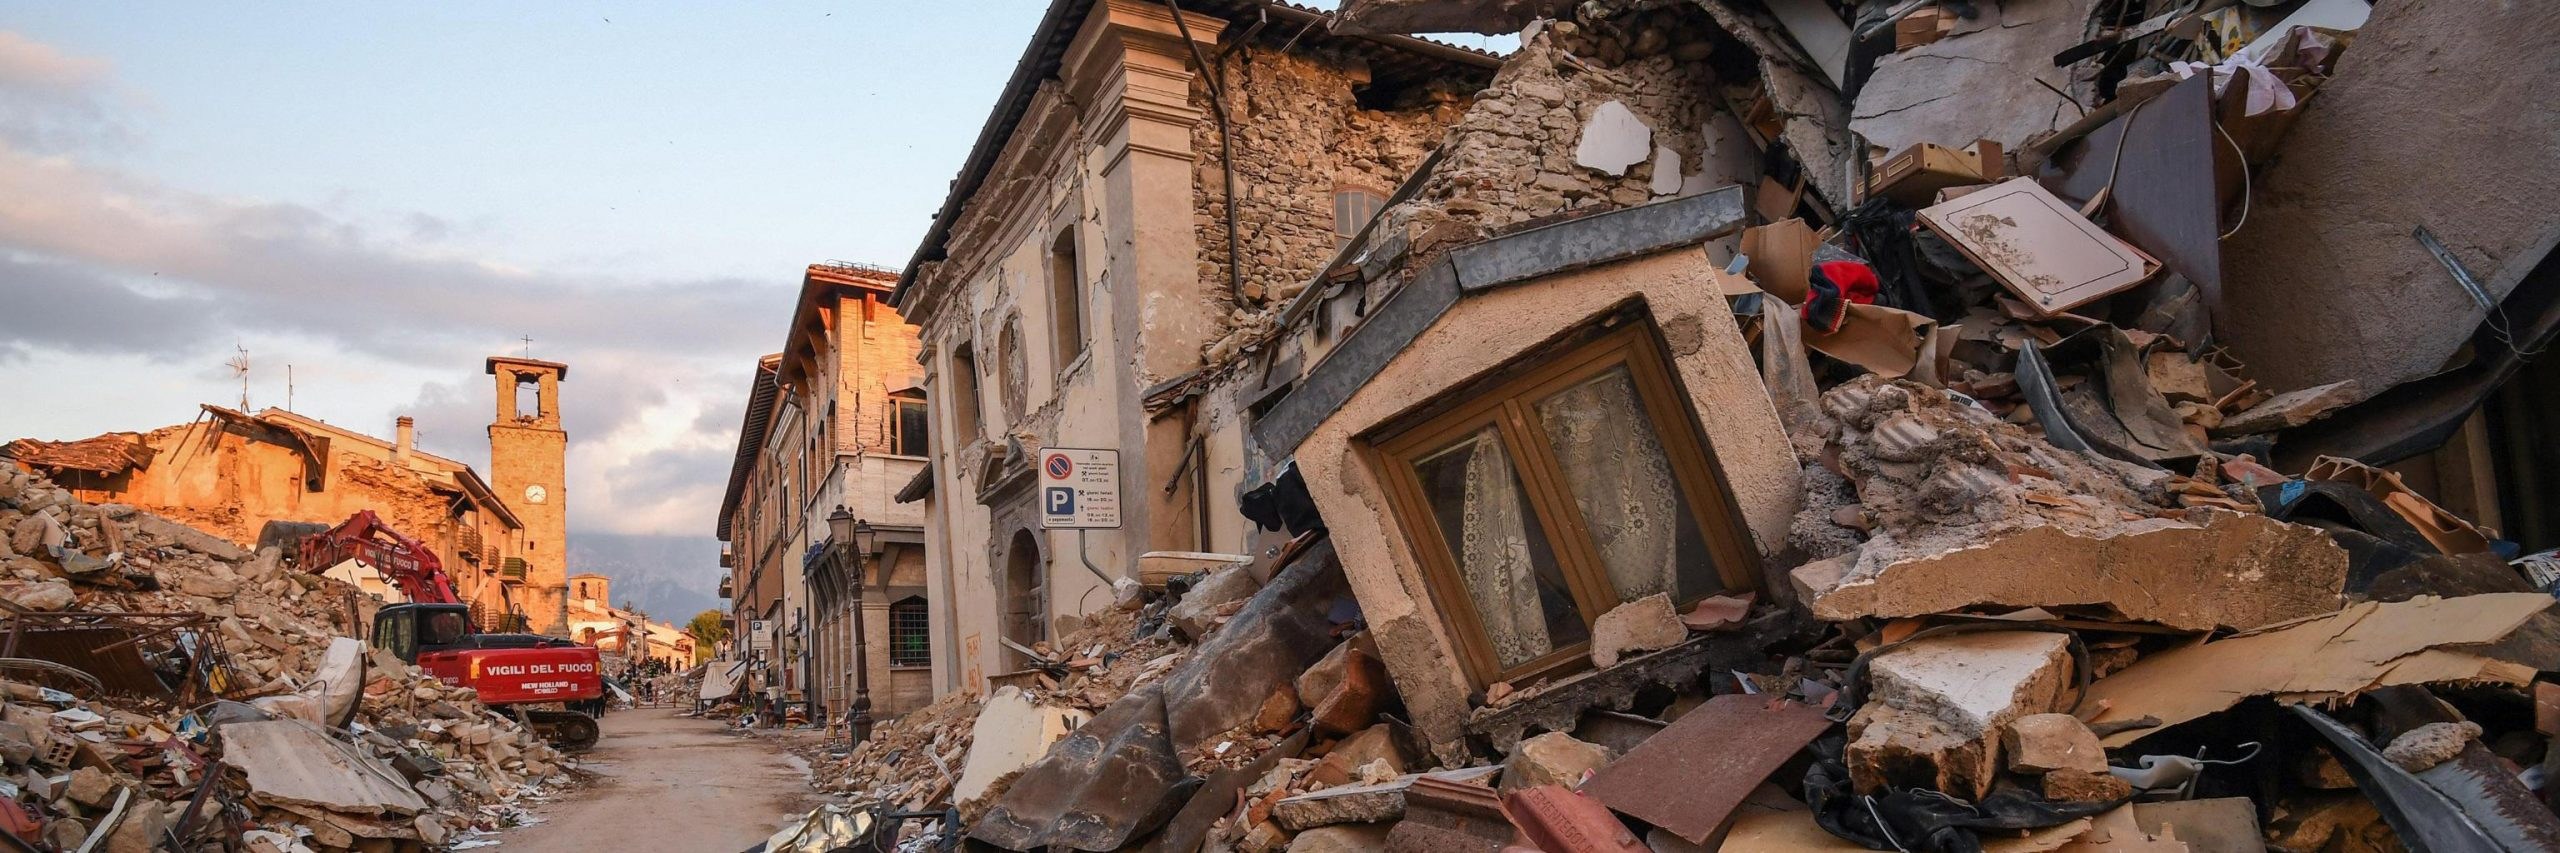 consegnati_i_fondi_per_amatrice_popoli_per_il_terremoto